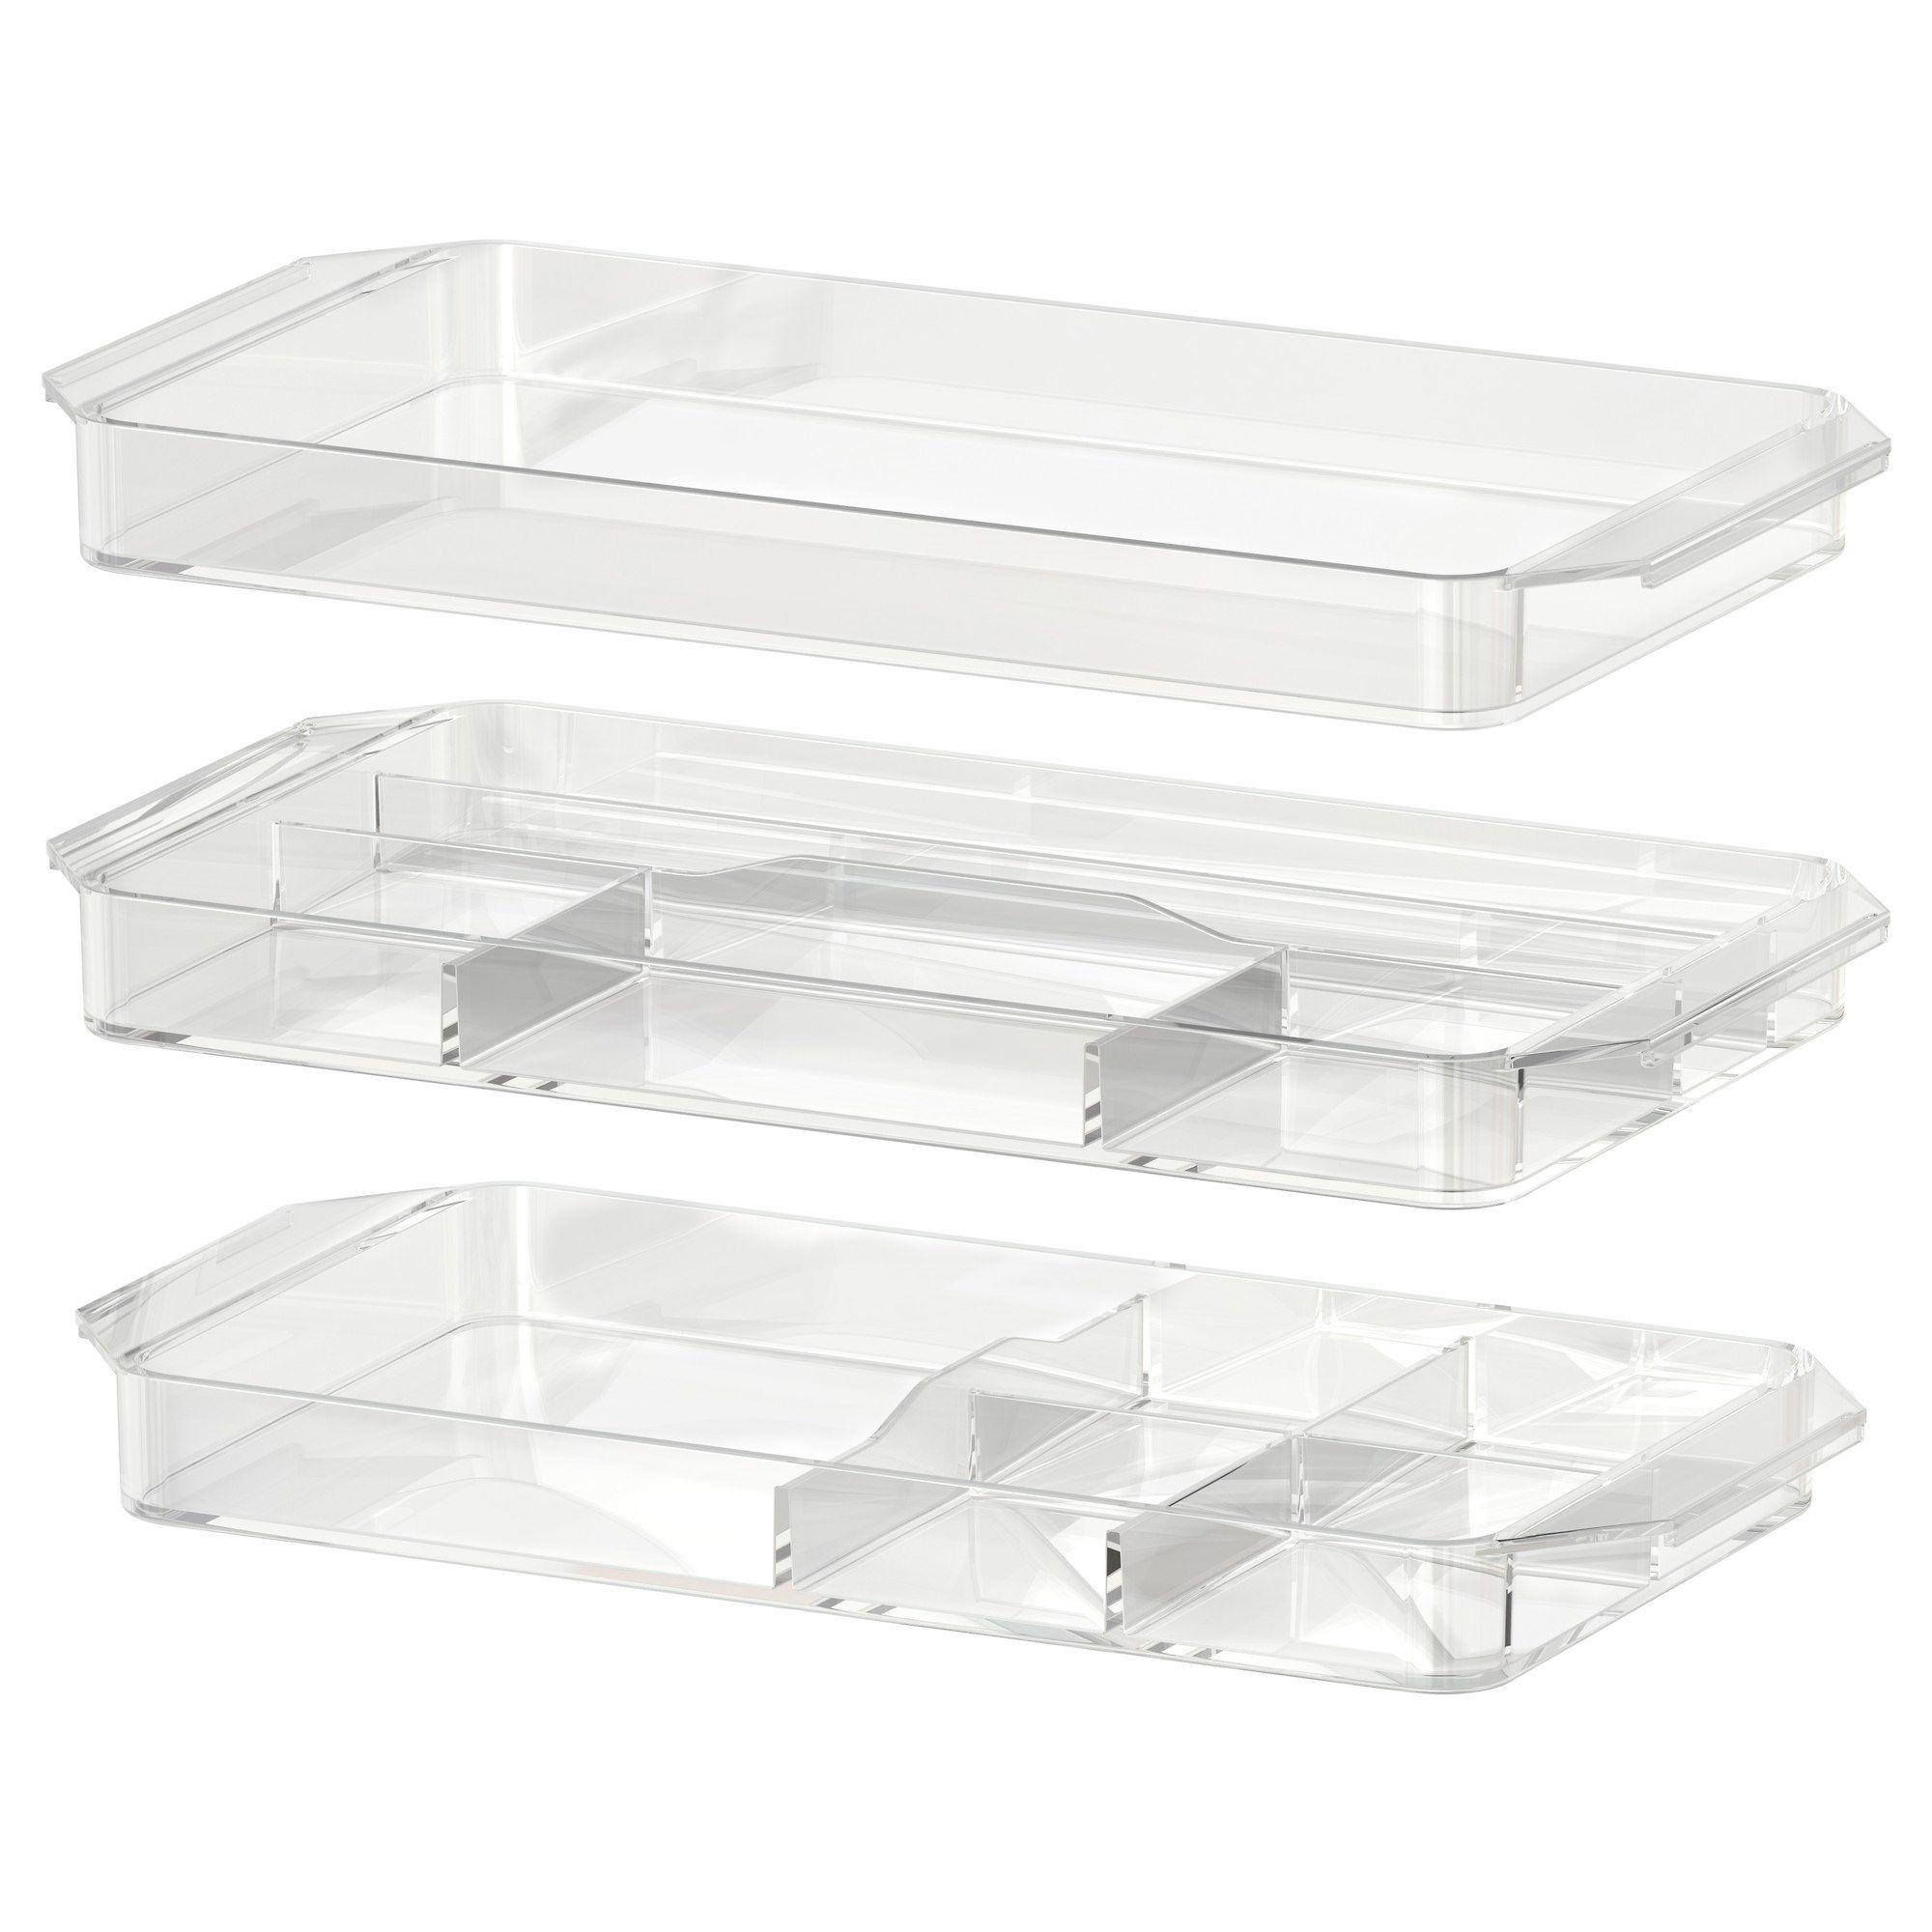 GODMORGON  ekmece d zenleyici  effaf 34x17x3 cm   IKEA Banyolar. GODMORGON  ekmece d zenleyici  effaf 34x17x3 cm   IKEA Banyolar